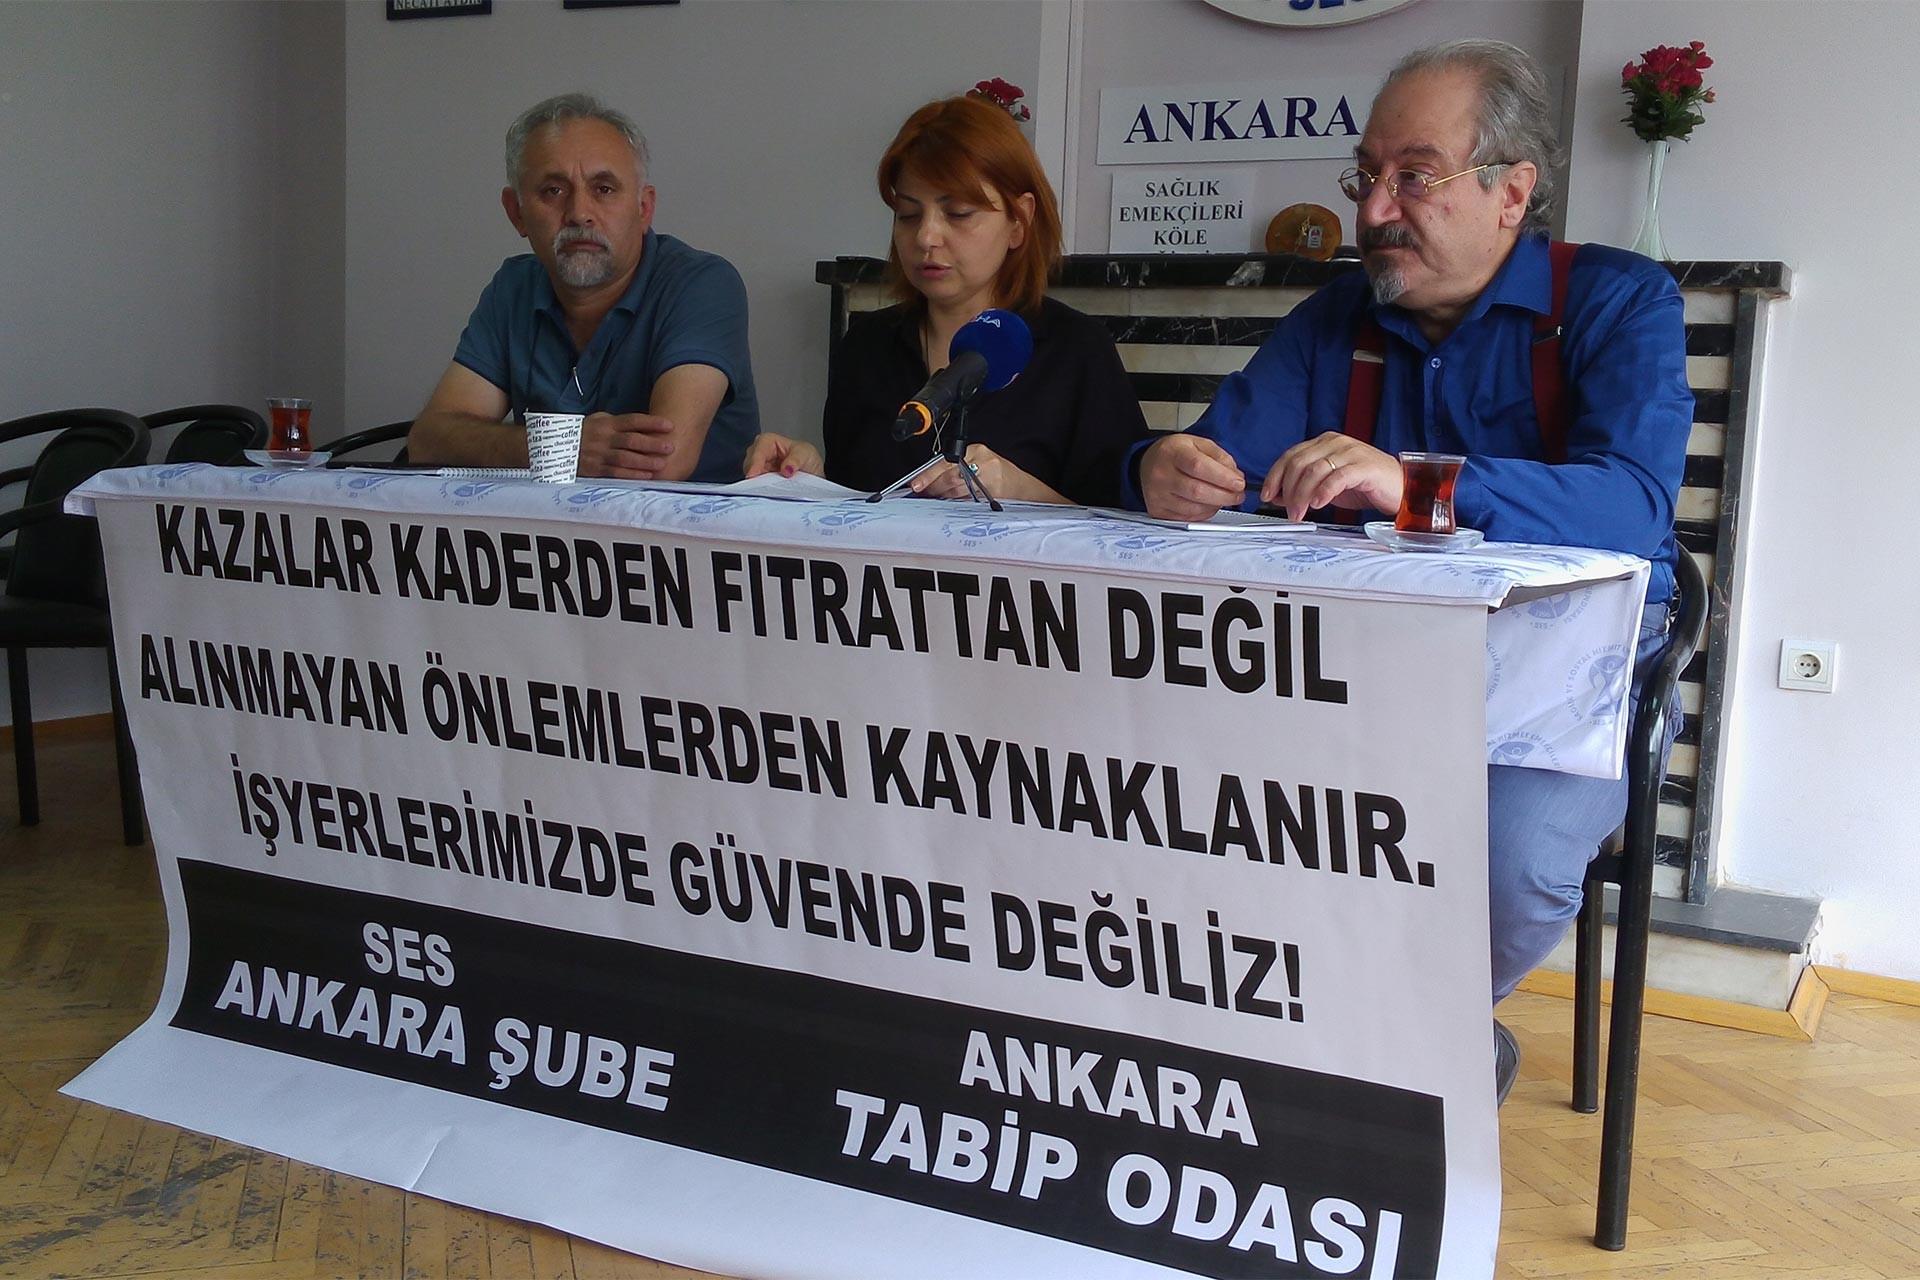 SES Ankara Şube: Çoğu hastanede işçi sağlığı ve güvenliği sadece kağıt üstünde